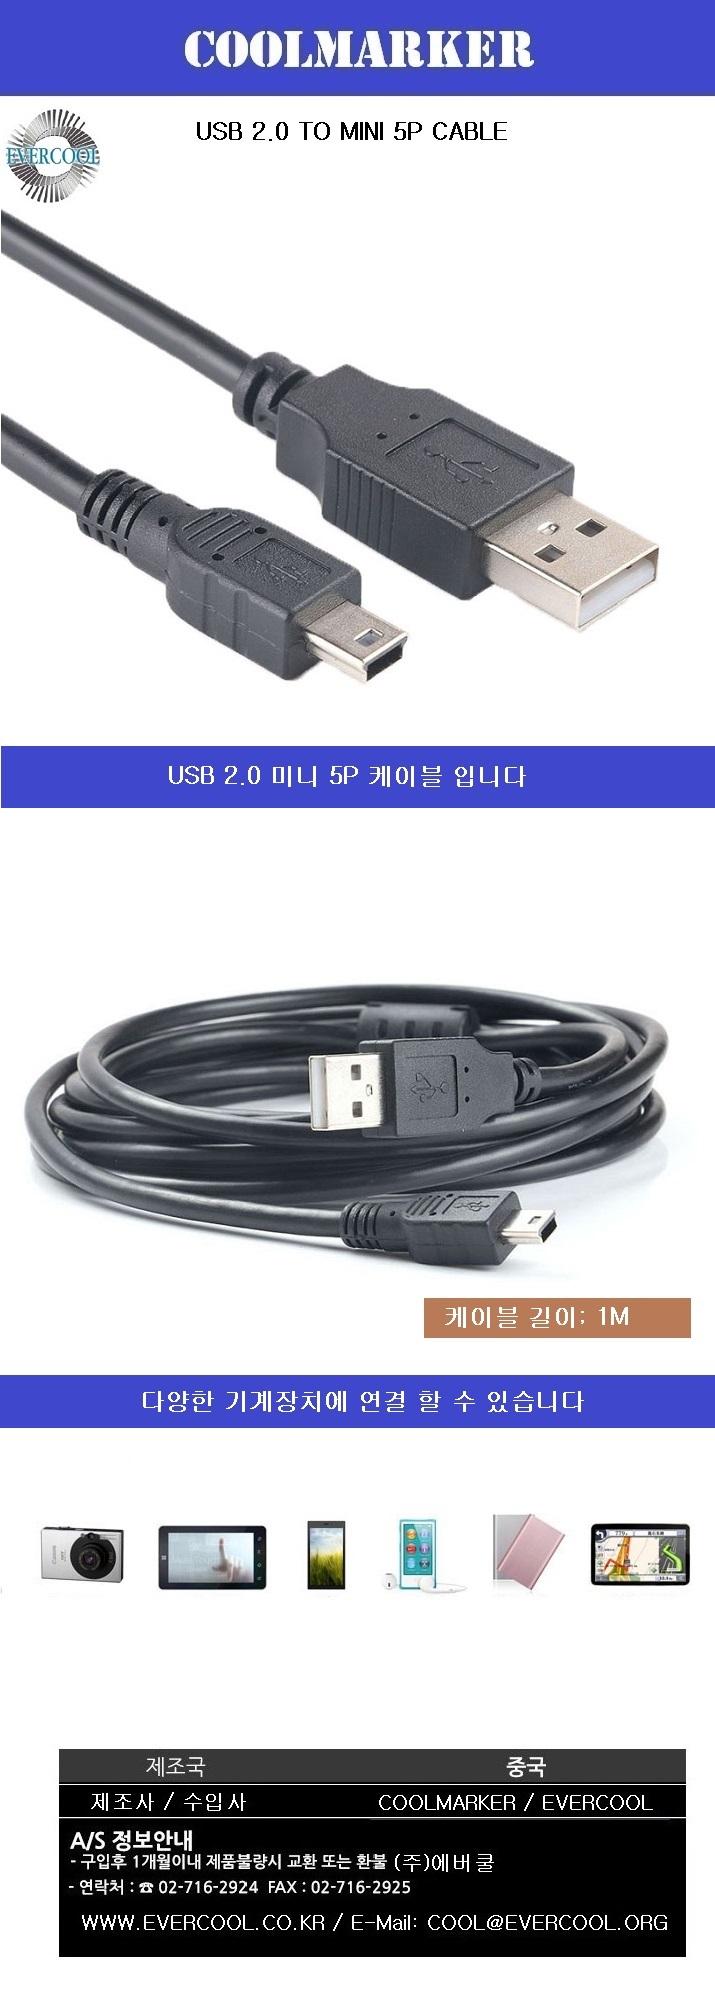 EVERCOOL COOLMARKER USB 2.0 Mini B 데이터 케이블 (1m)